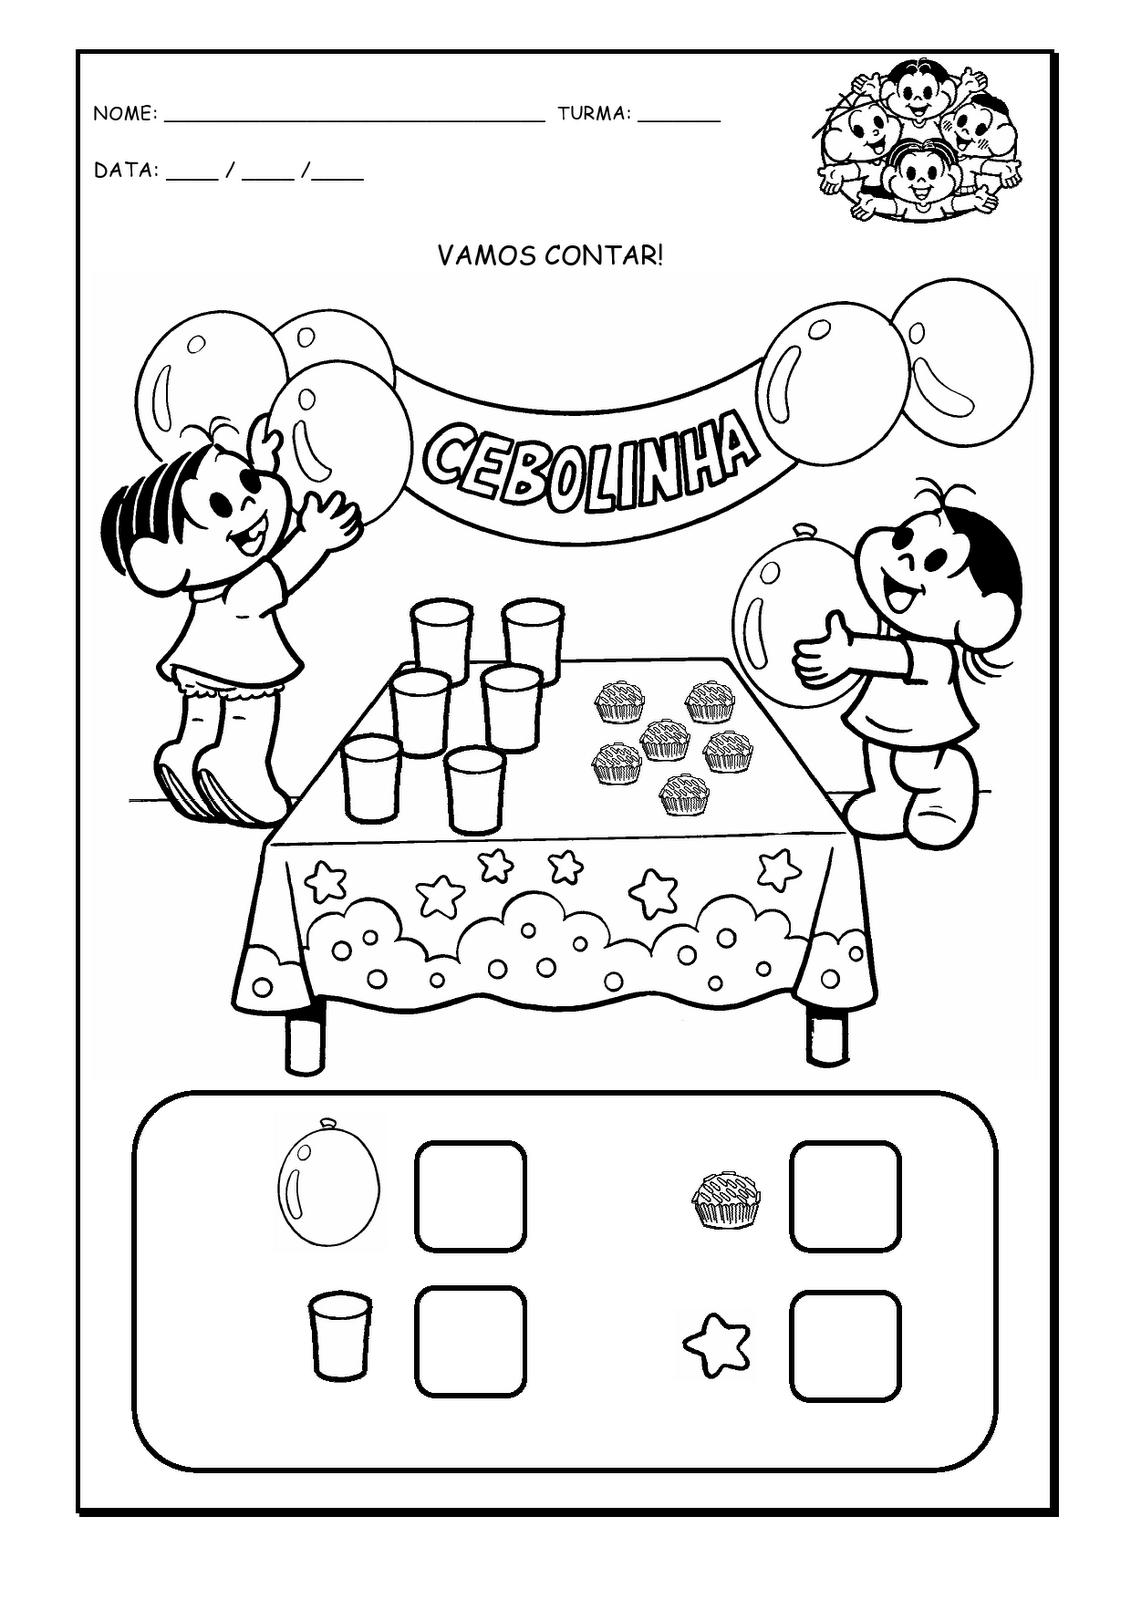 VAMOS+CONTAR+NÚMERO+6(monica+e+magali+festa+de+aniversário).png (1131×1600)